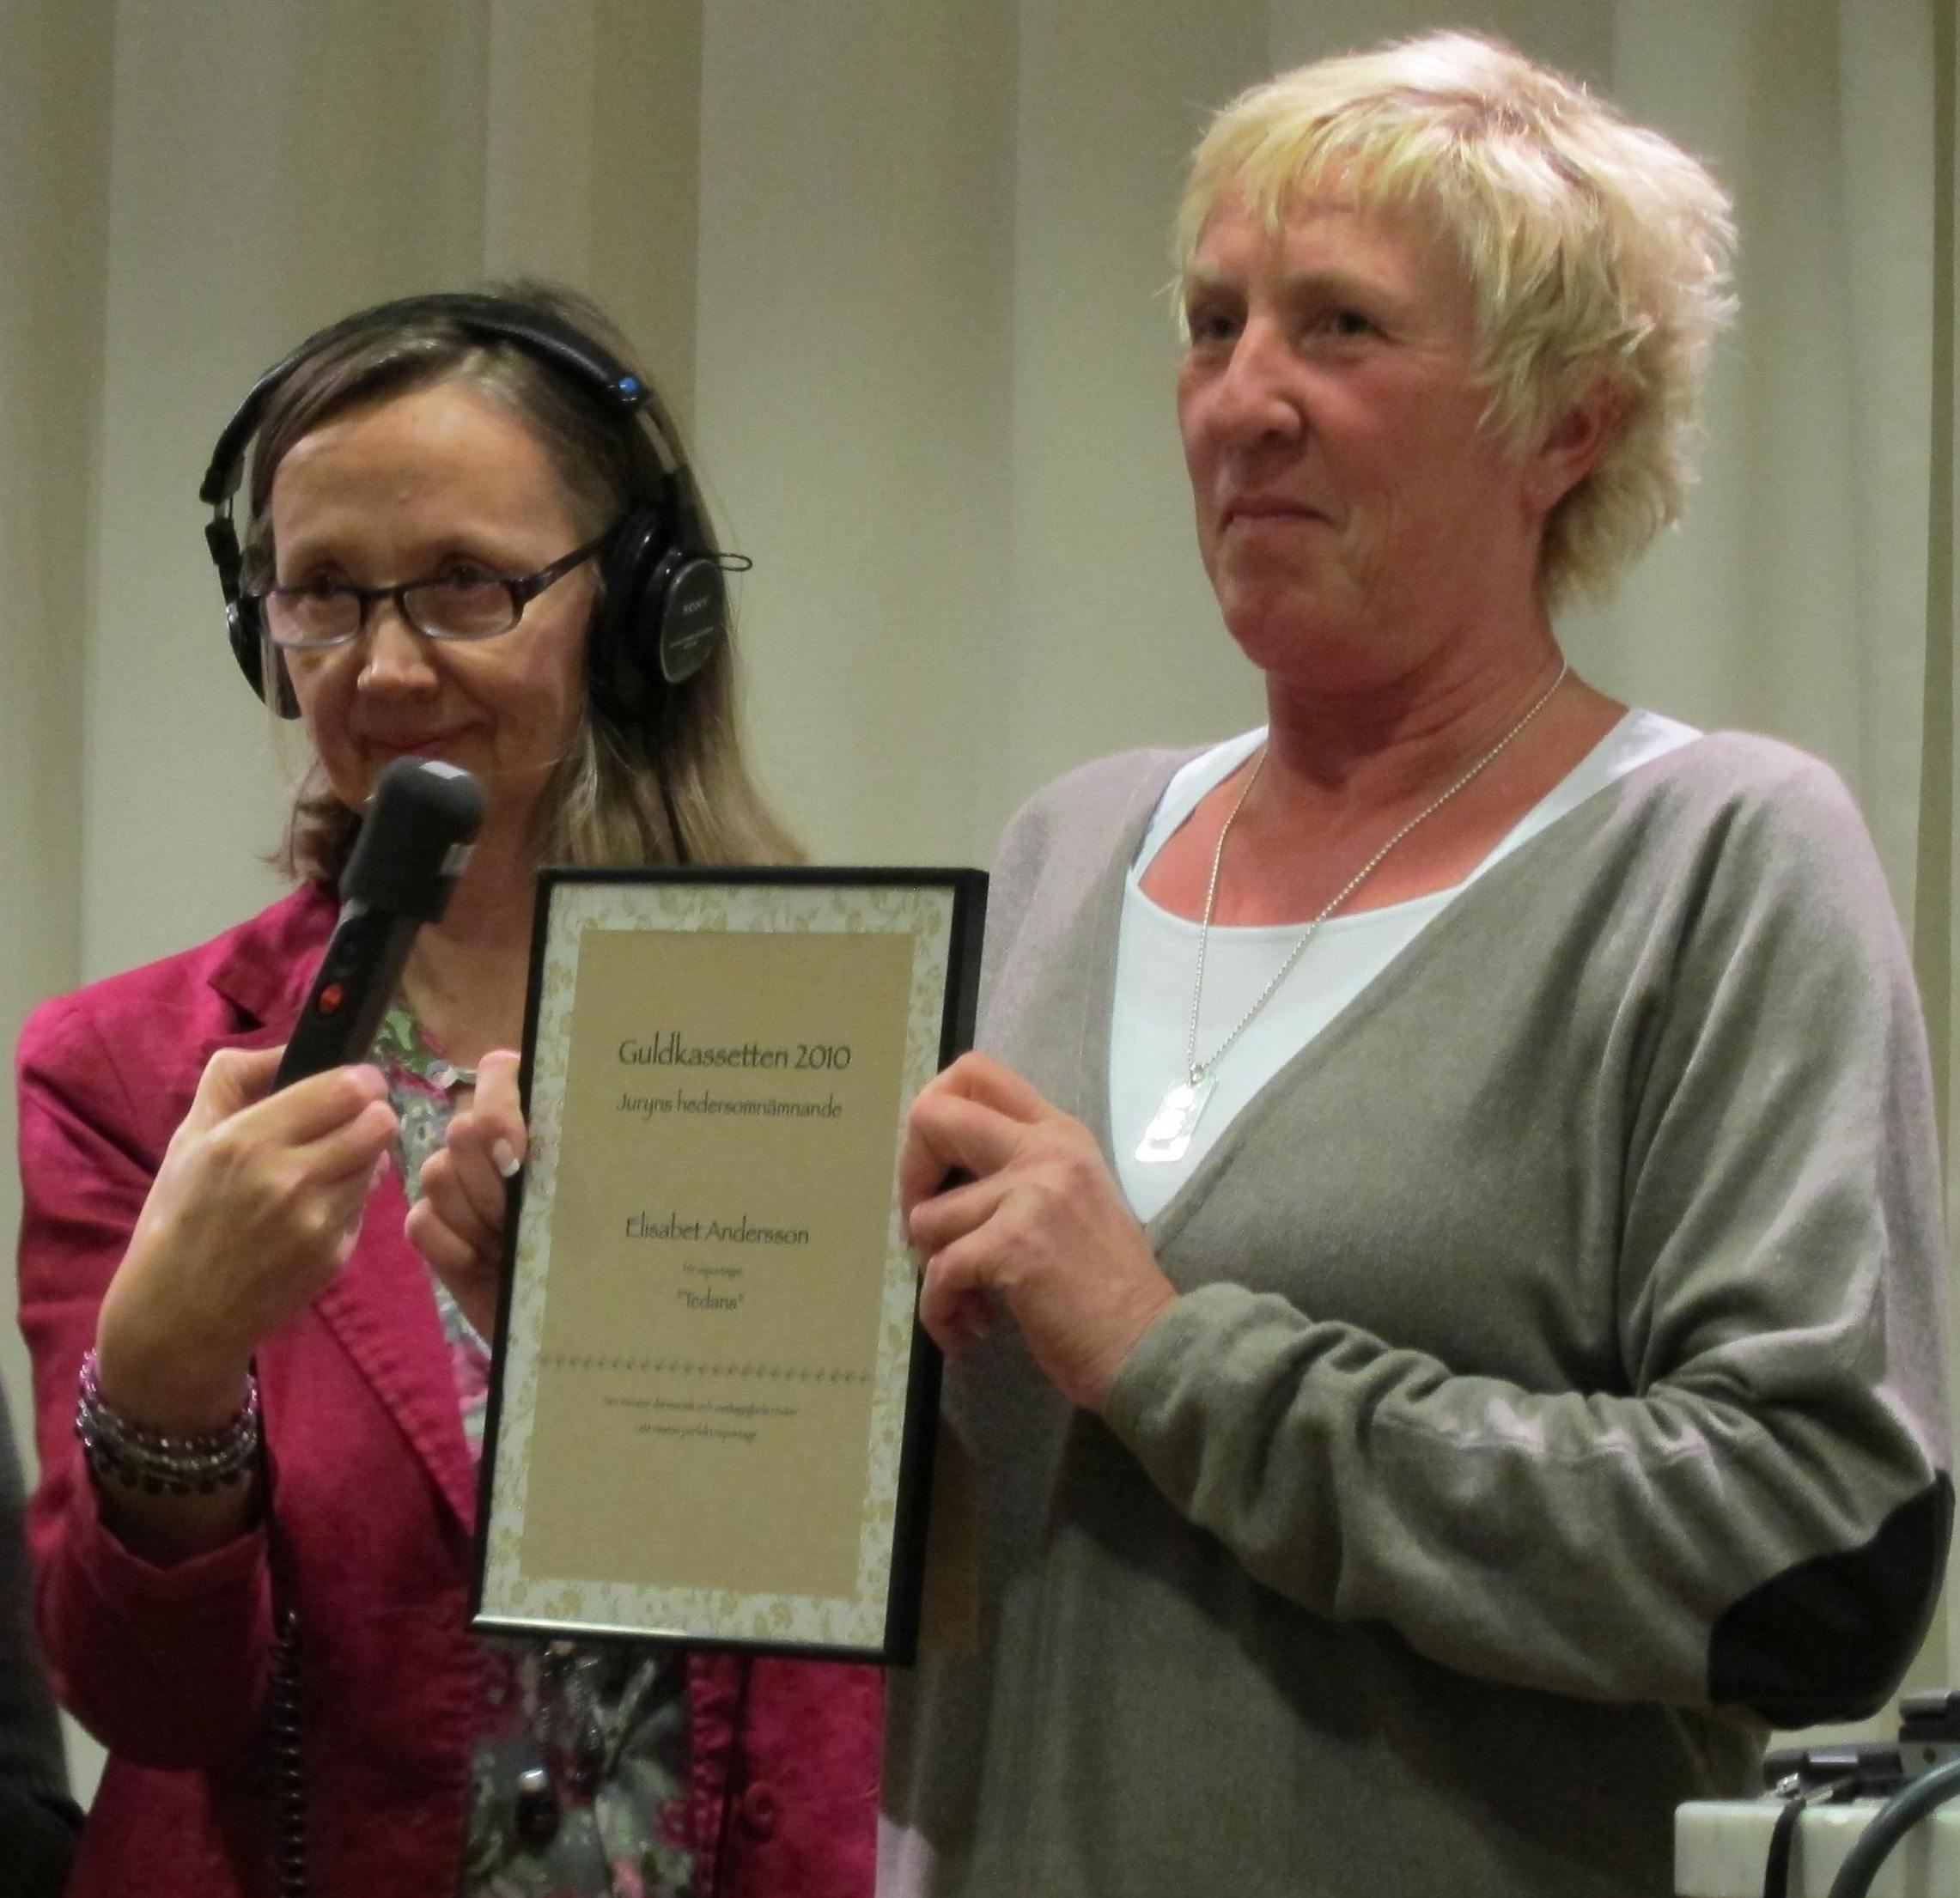 Elisabet Andersson visar upp sin plakett, medan Åsa Nilsson bandar prisutdelningen. Foto: Martin Holmström